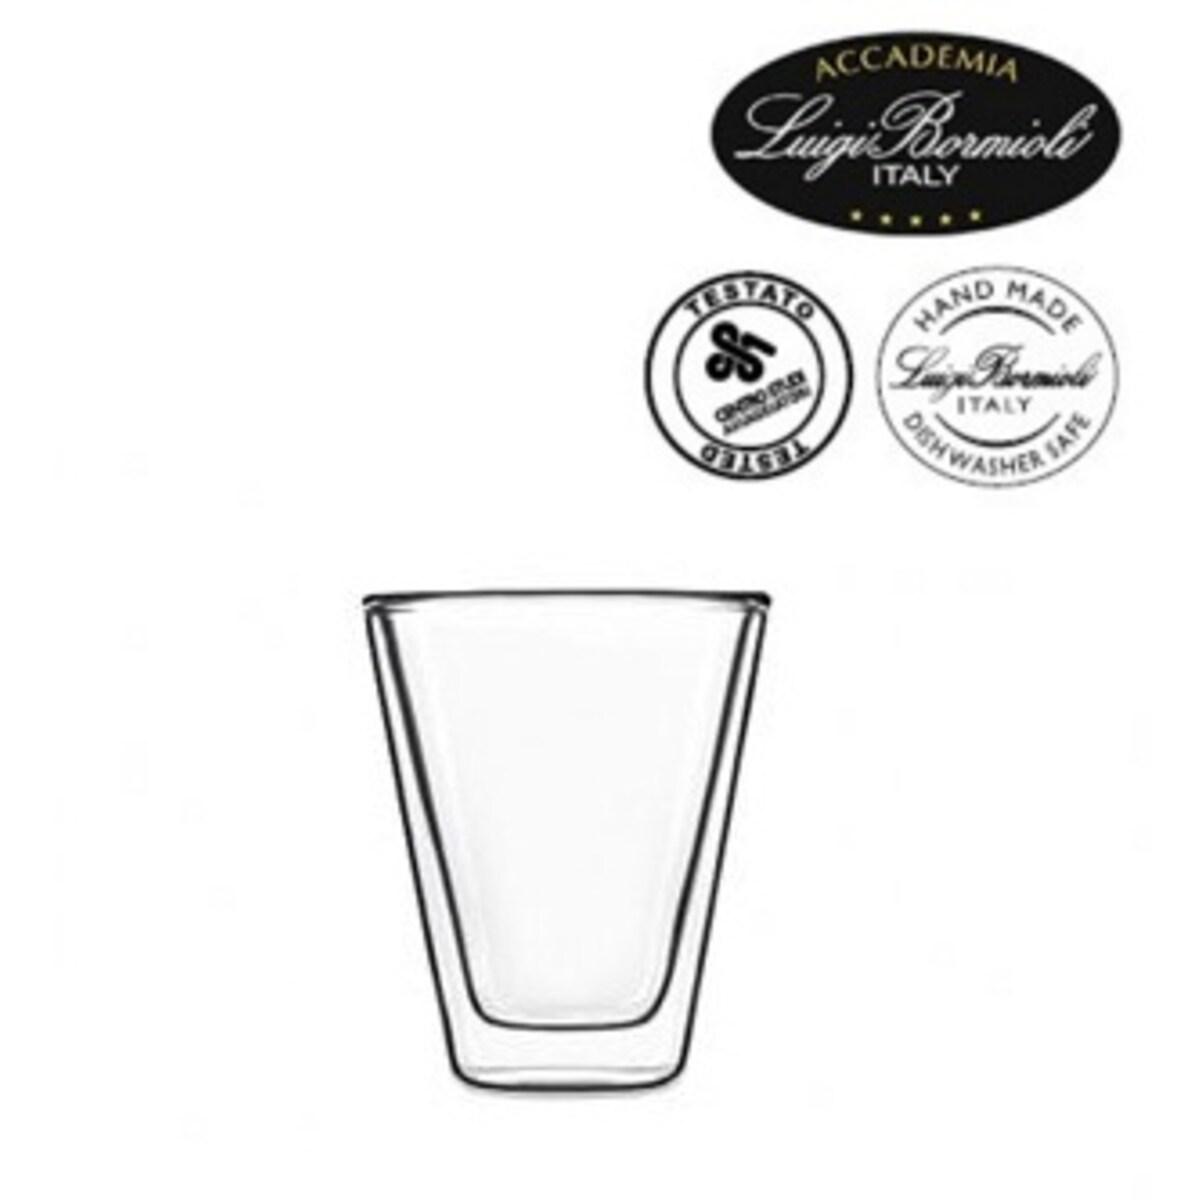 Luigi Bormioli Caffeino - 2 бр двустенни чаши